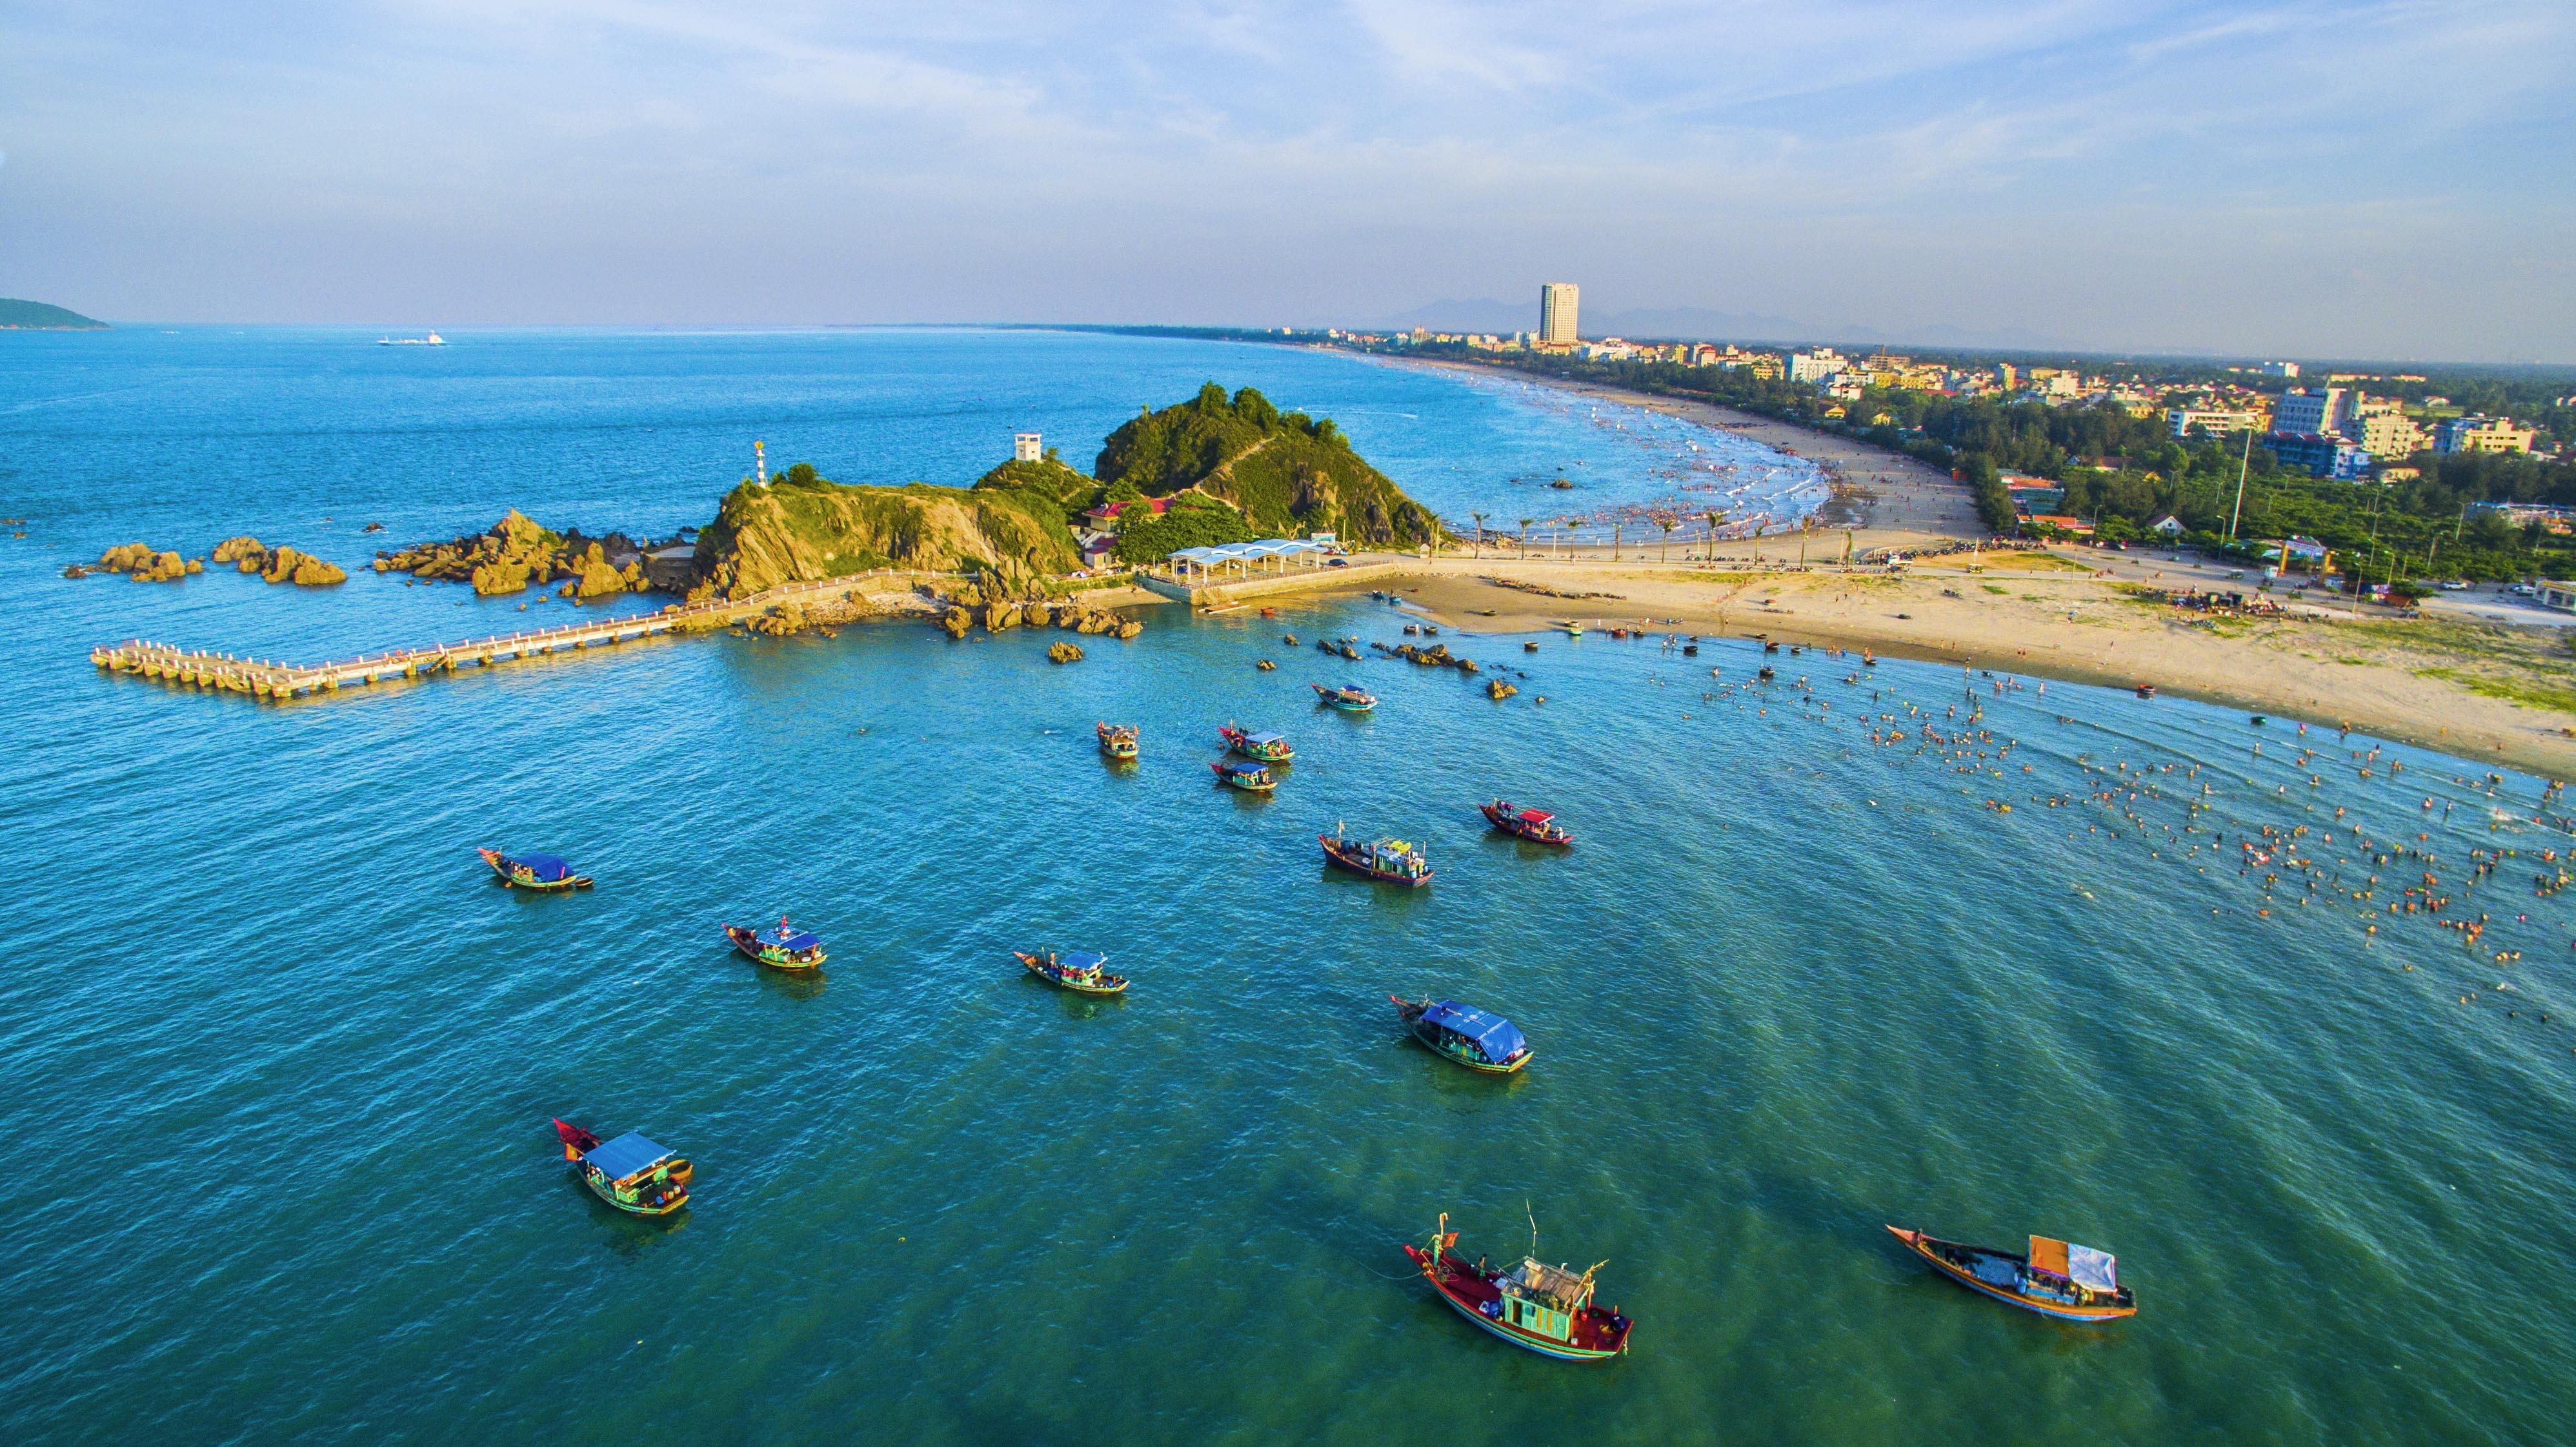 Bắc Giang - Biển Cửa Lò - Bắc Giang